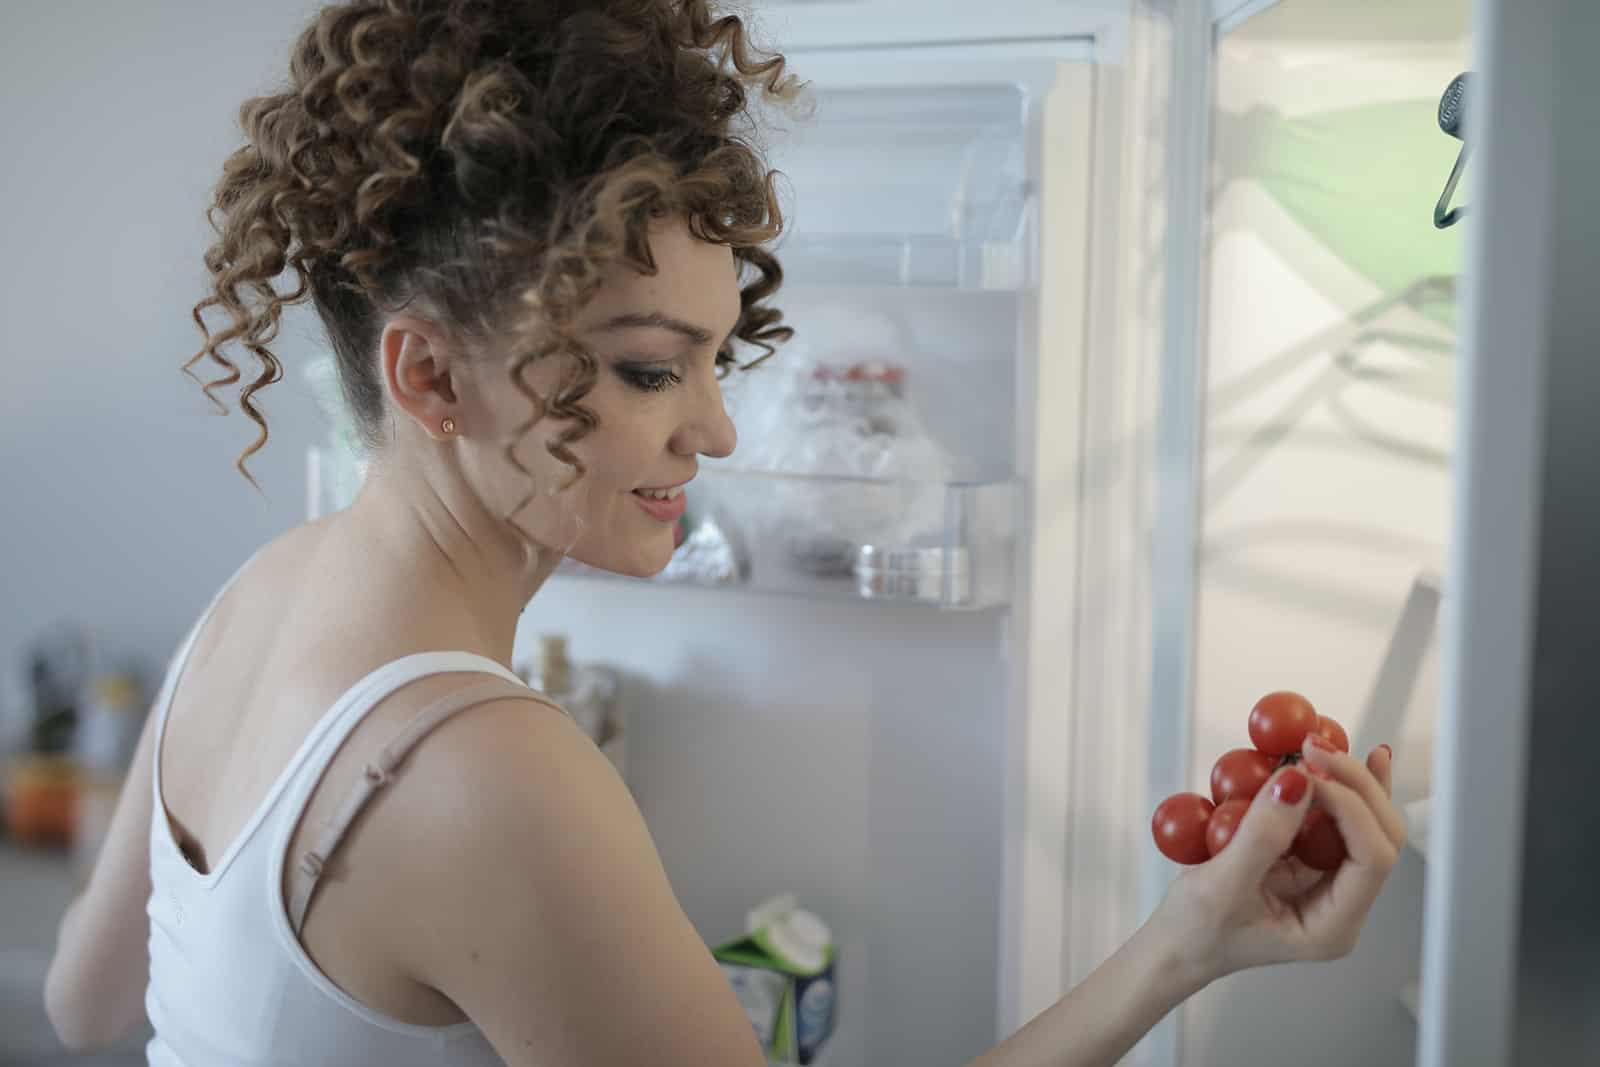 eine Frau, die eine Kirschtomate hält und in der Nähe des Kühlschranks steht